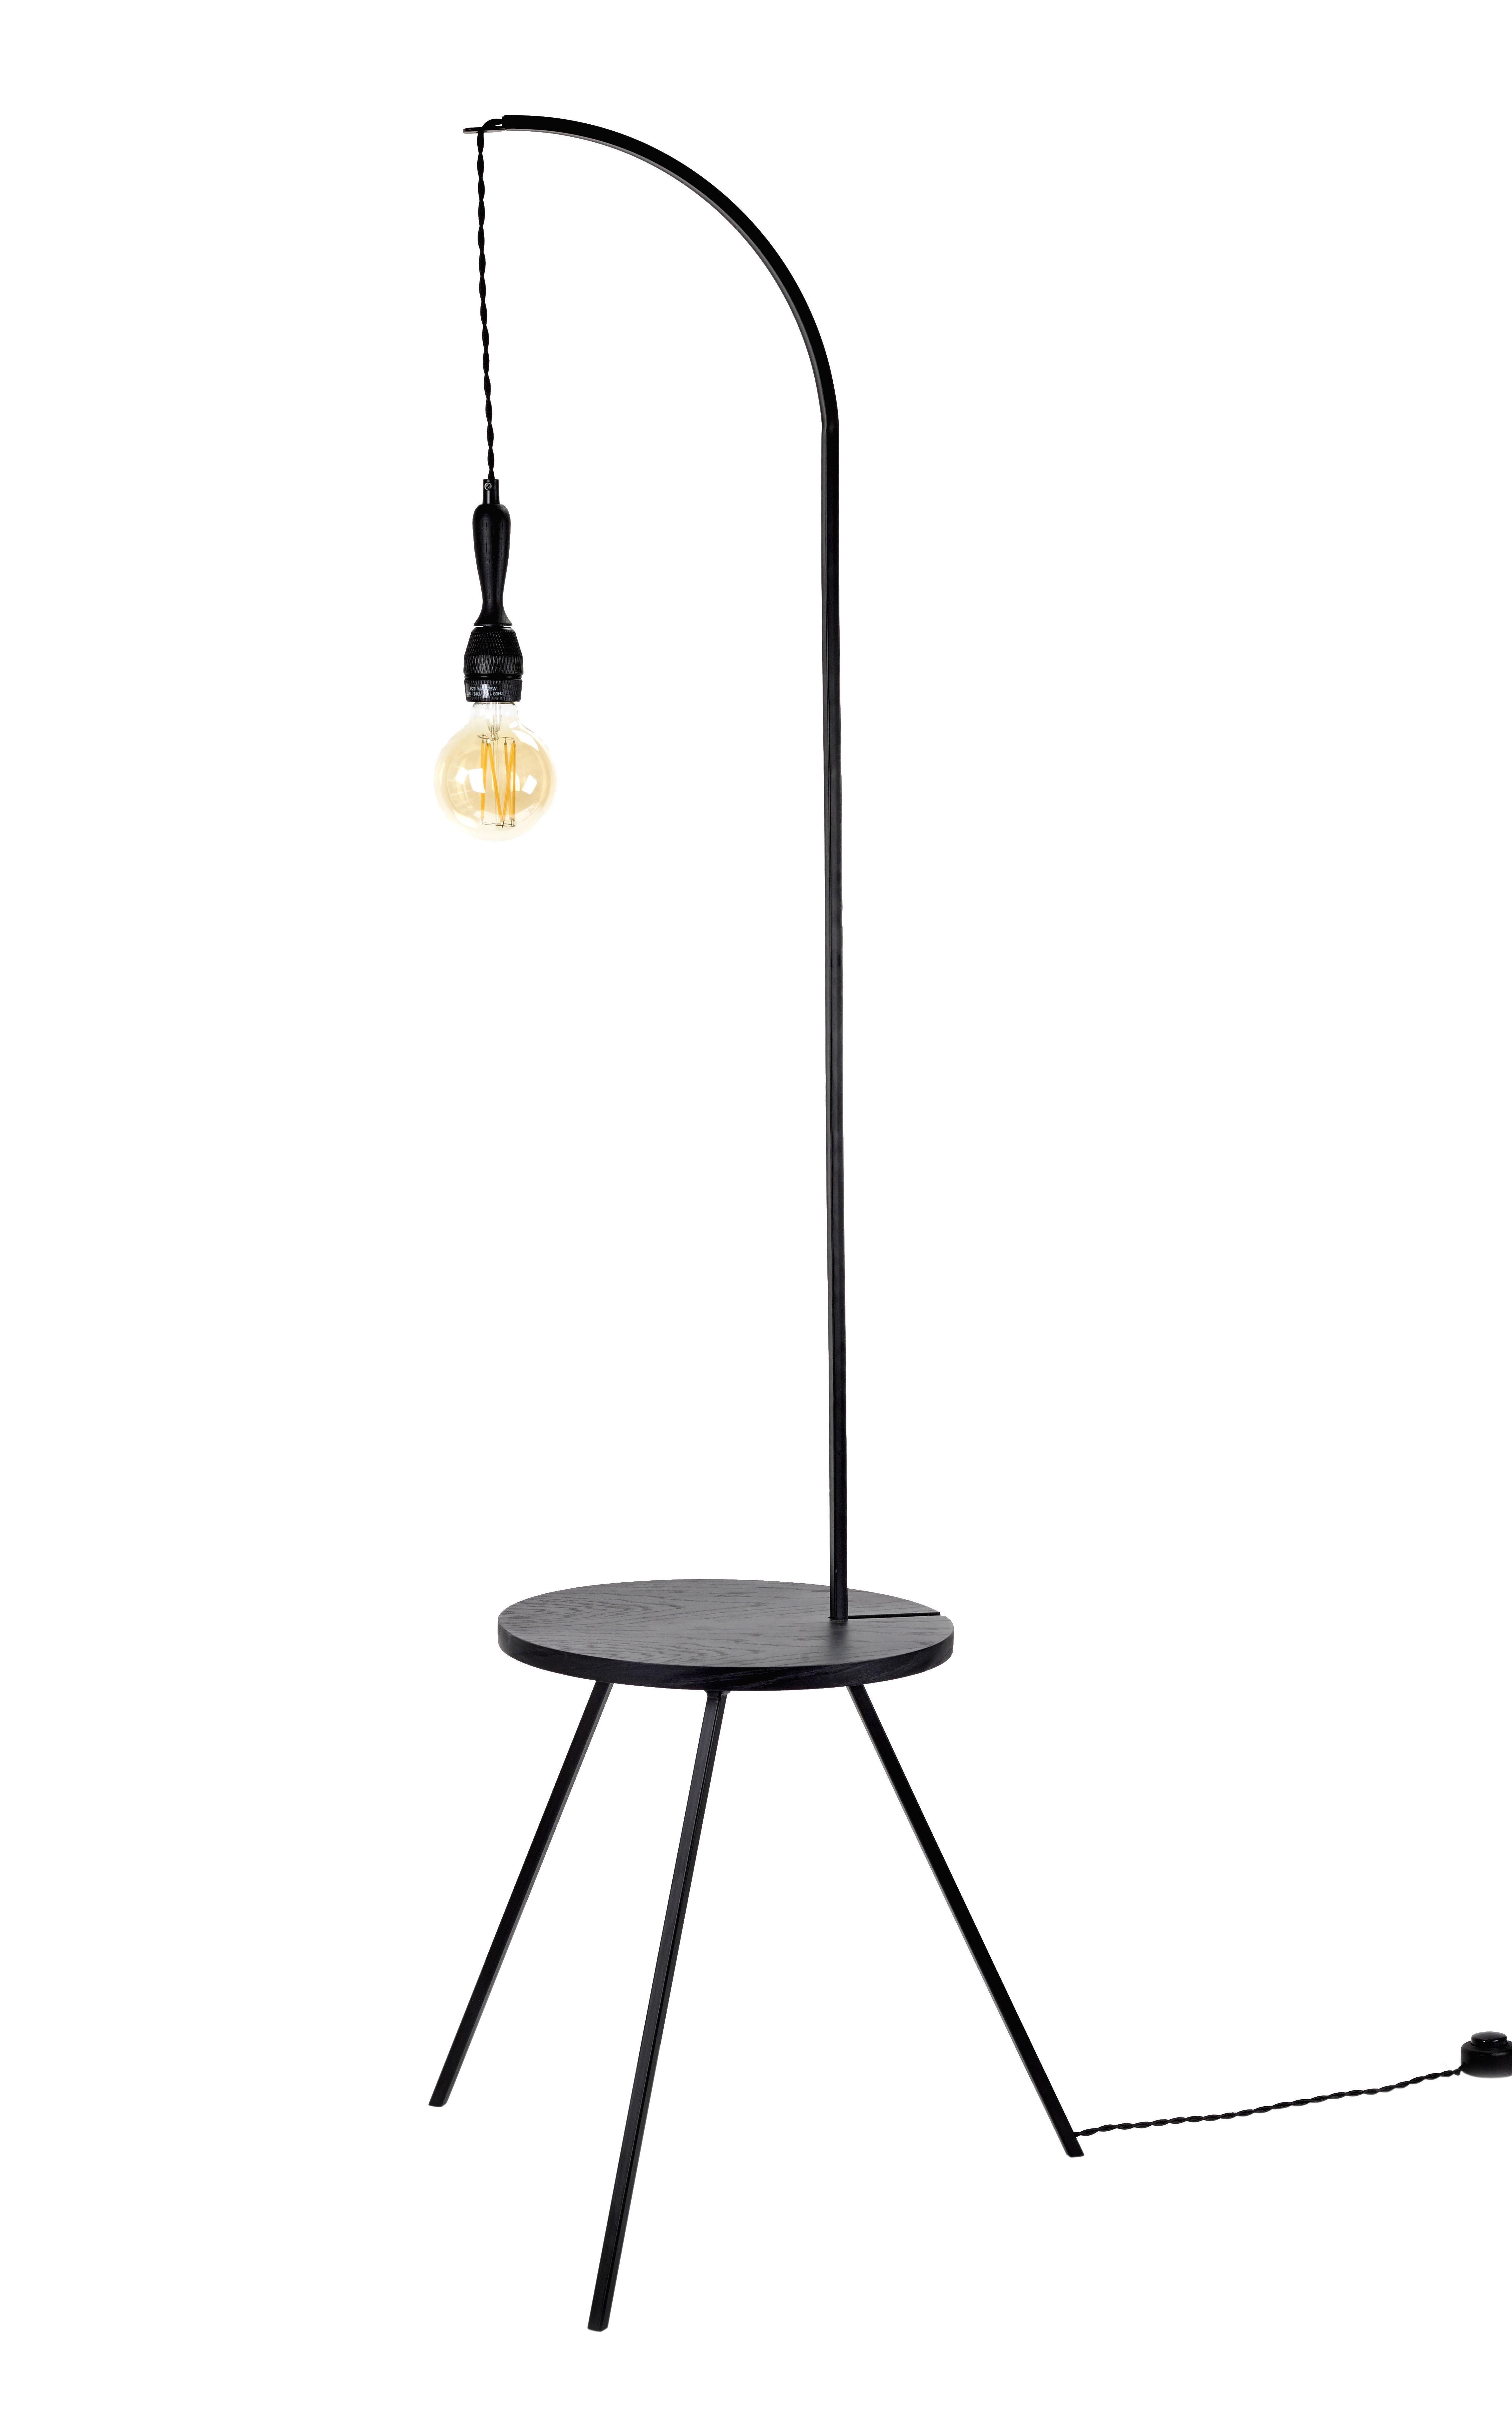 Arredamento - Tavolini  - Tavolino luminoso Studio Simple - / Tavolo - Ø 50 x H 160 cm di Serax - Nero - Bois plaqué, Metallo